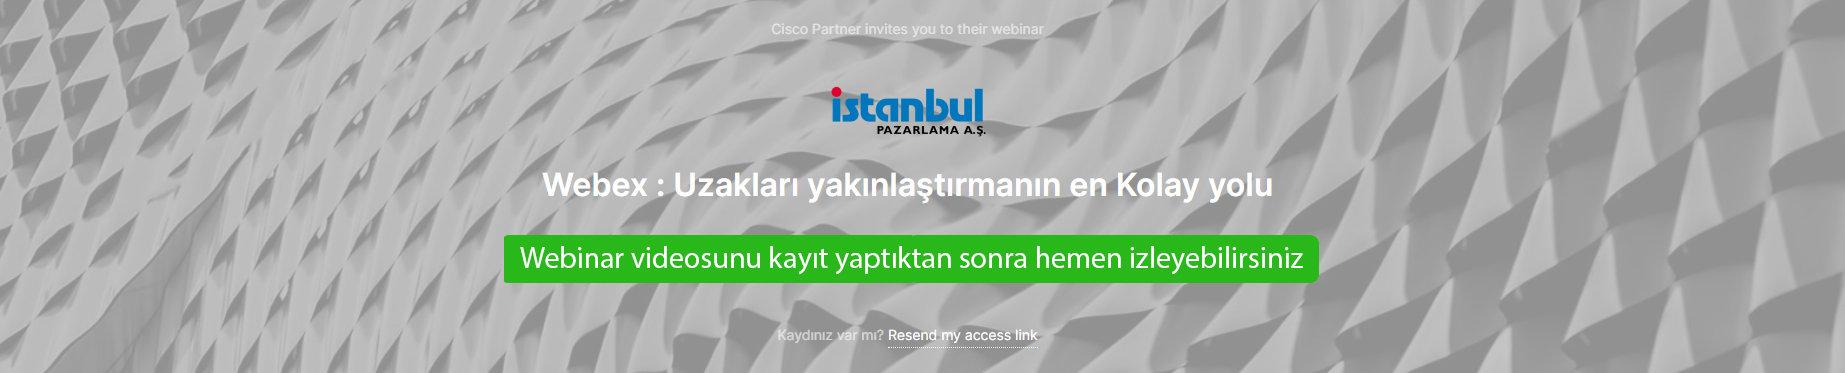 webex vebinar video.jpg